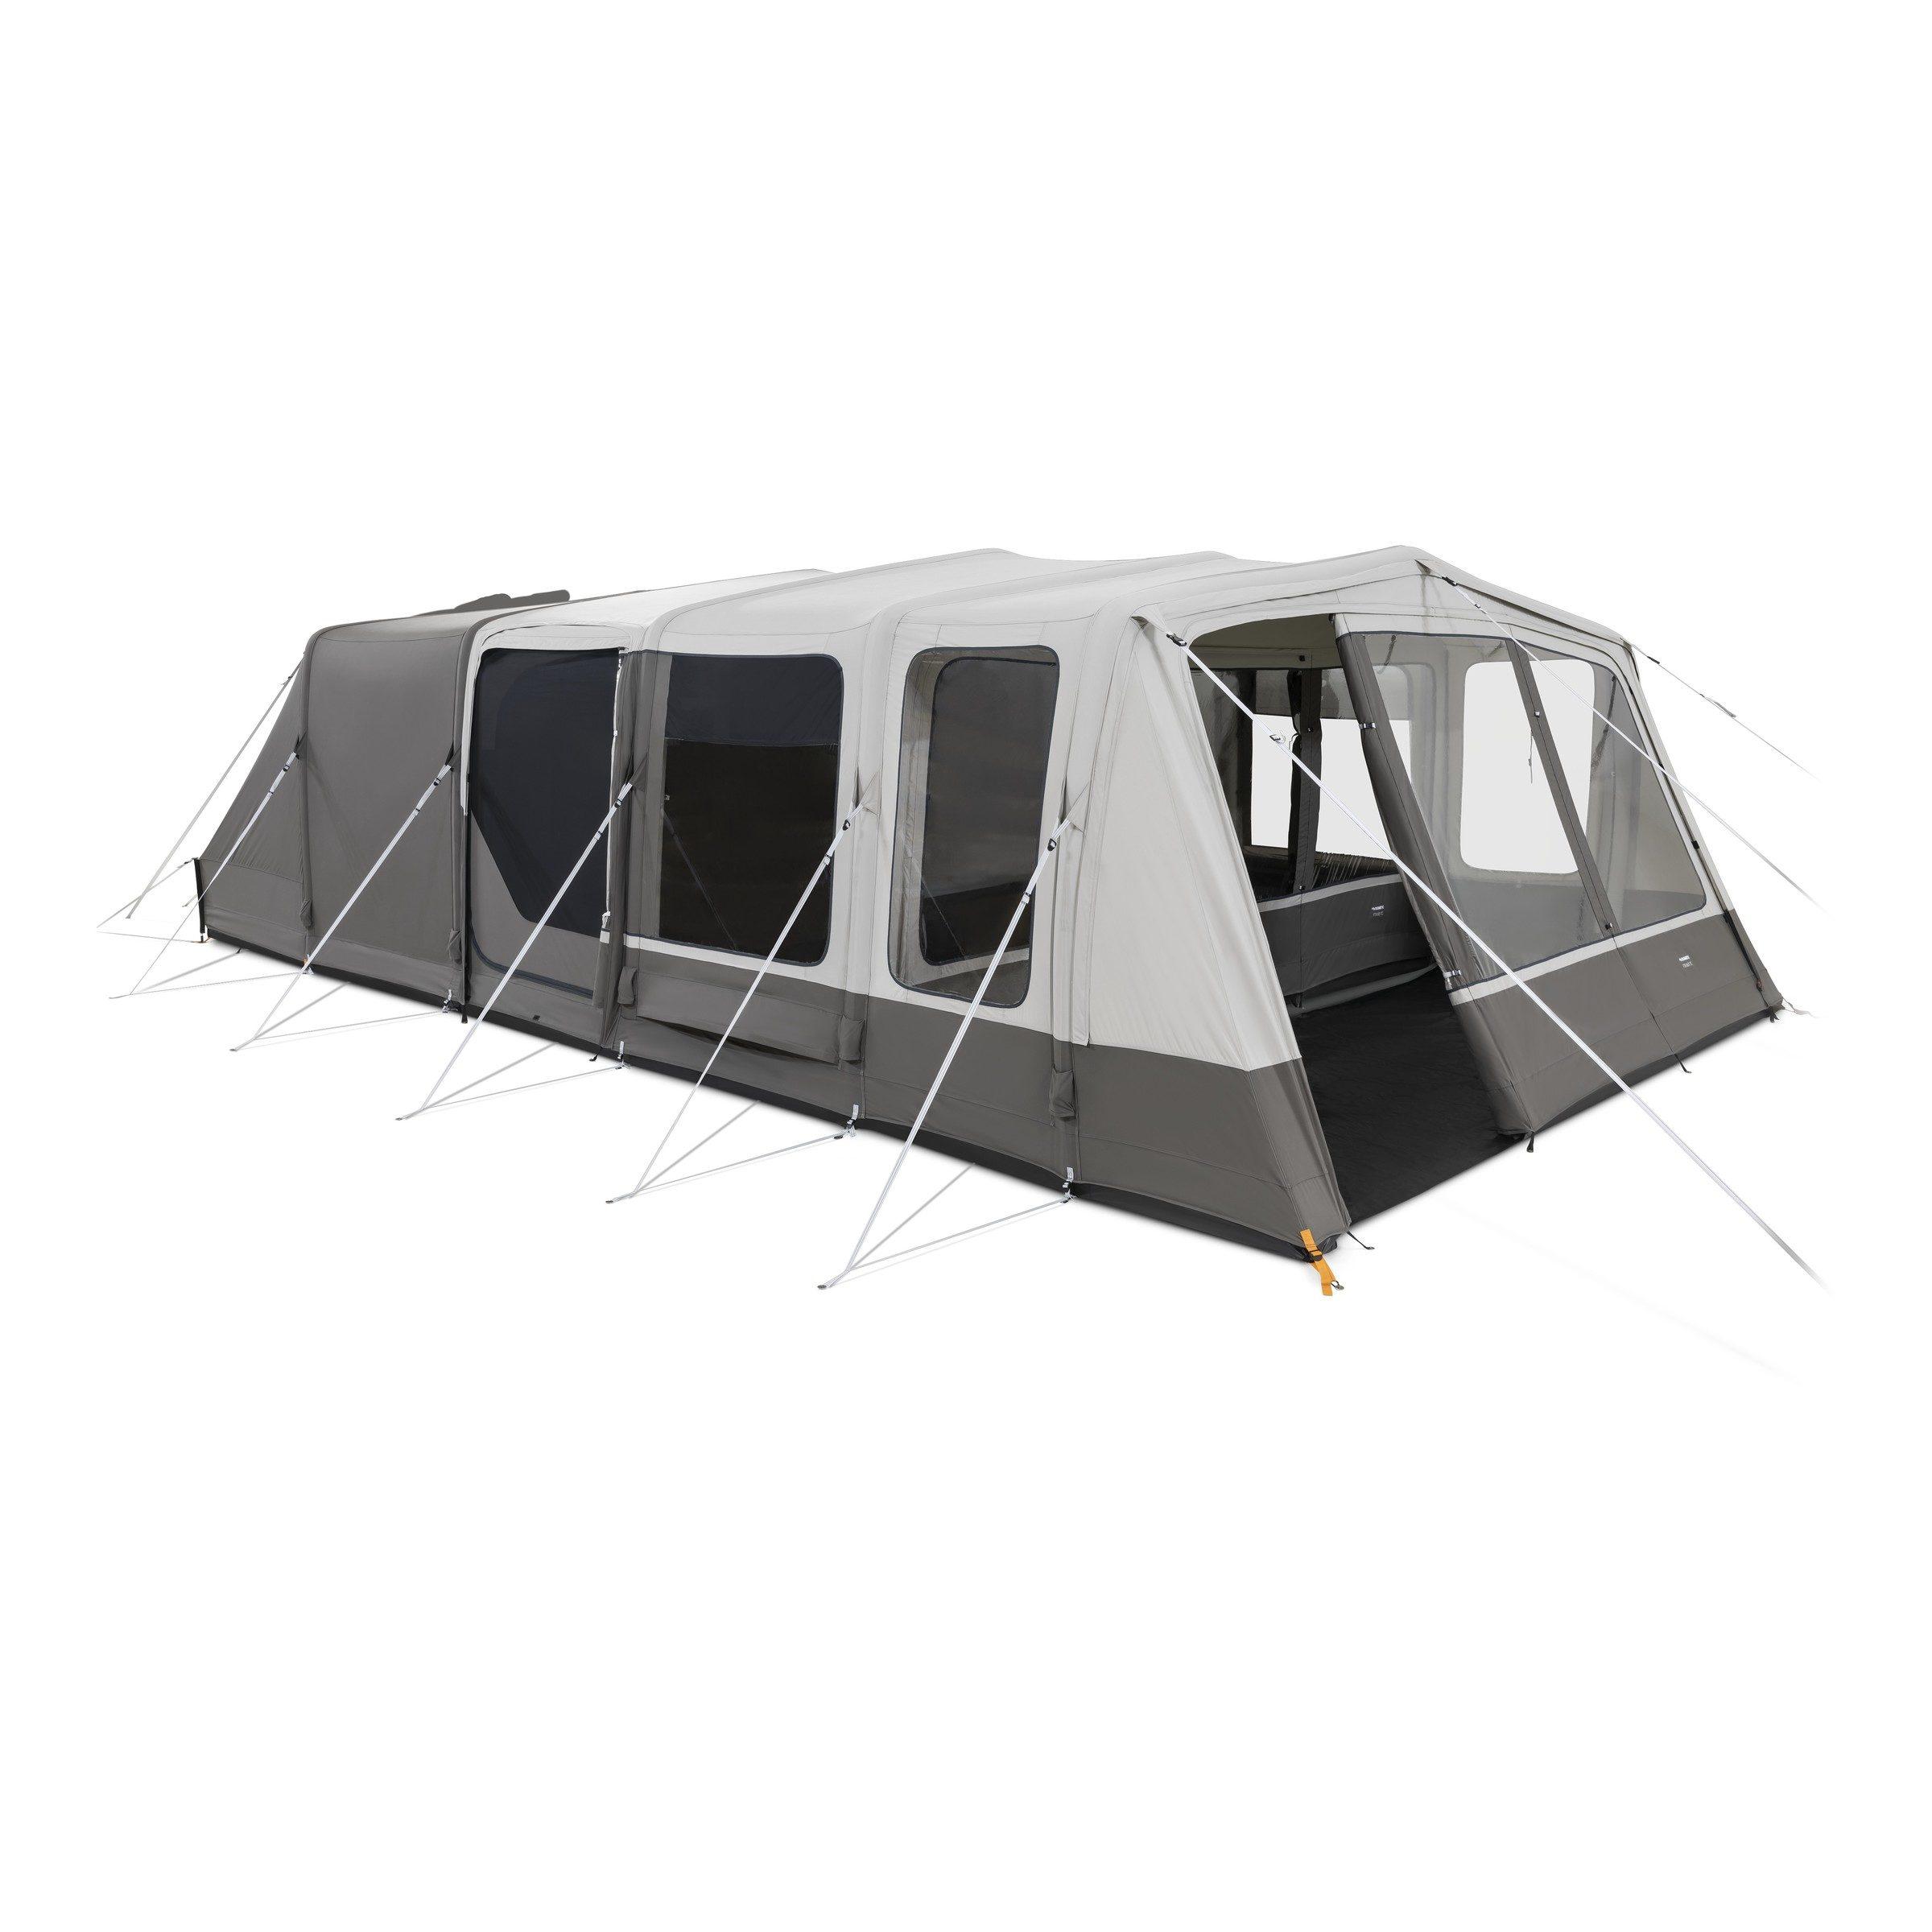 Dometic Ascension 601 TC Tent